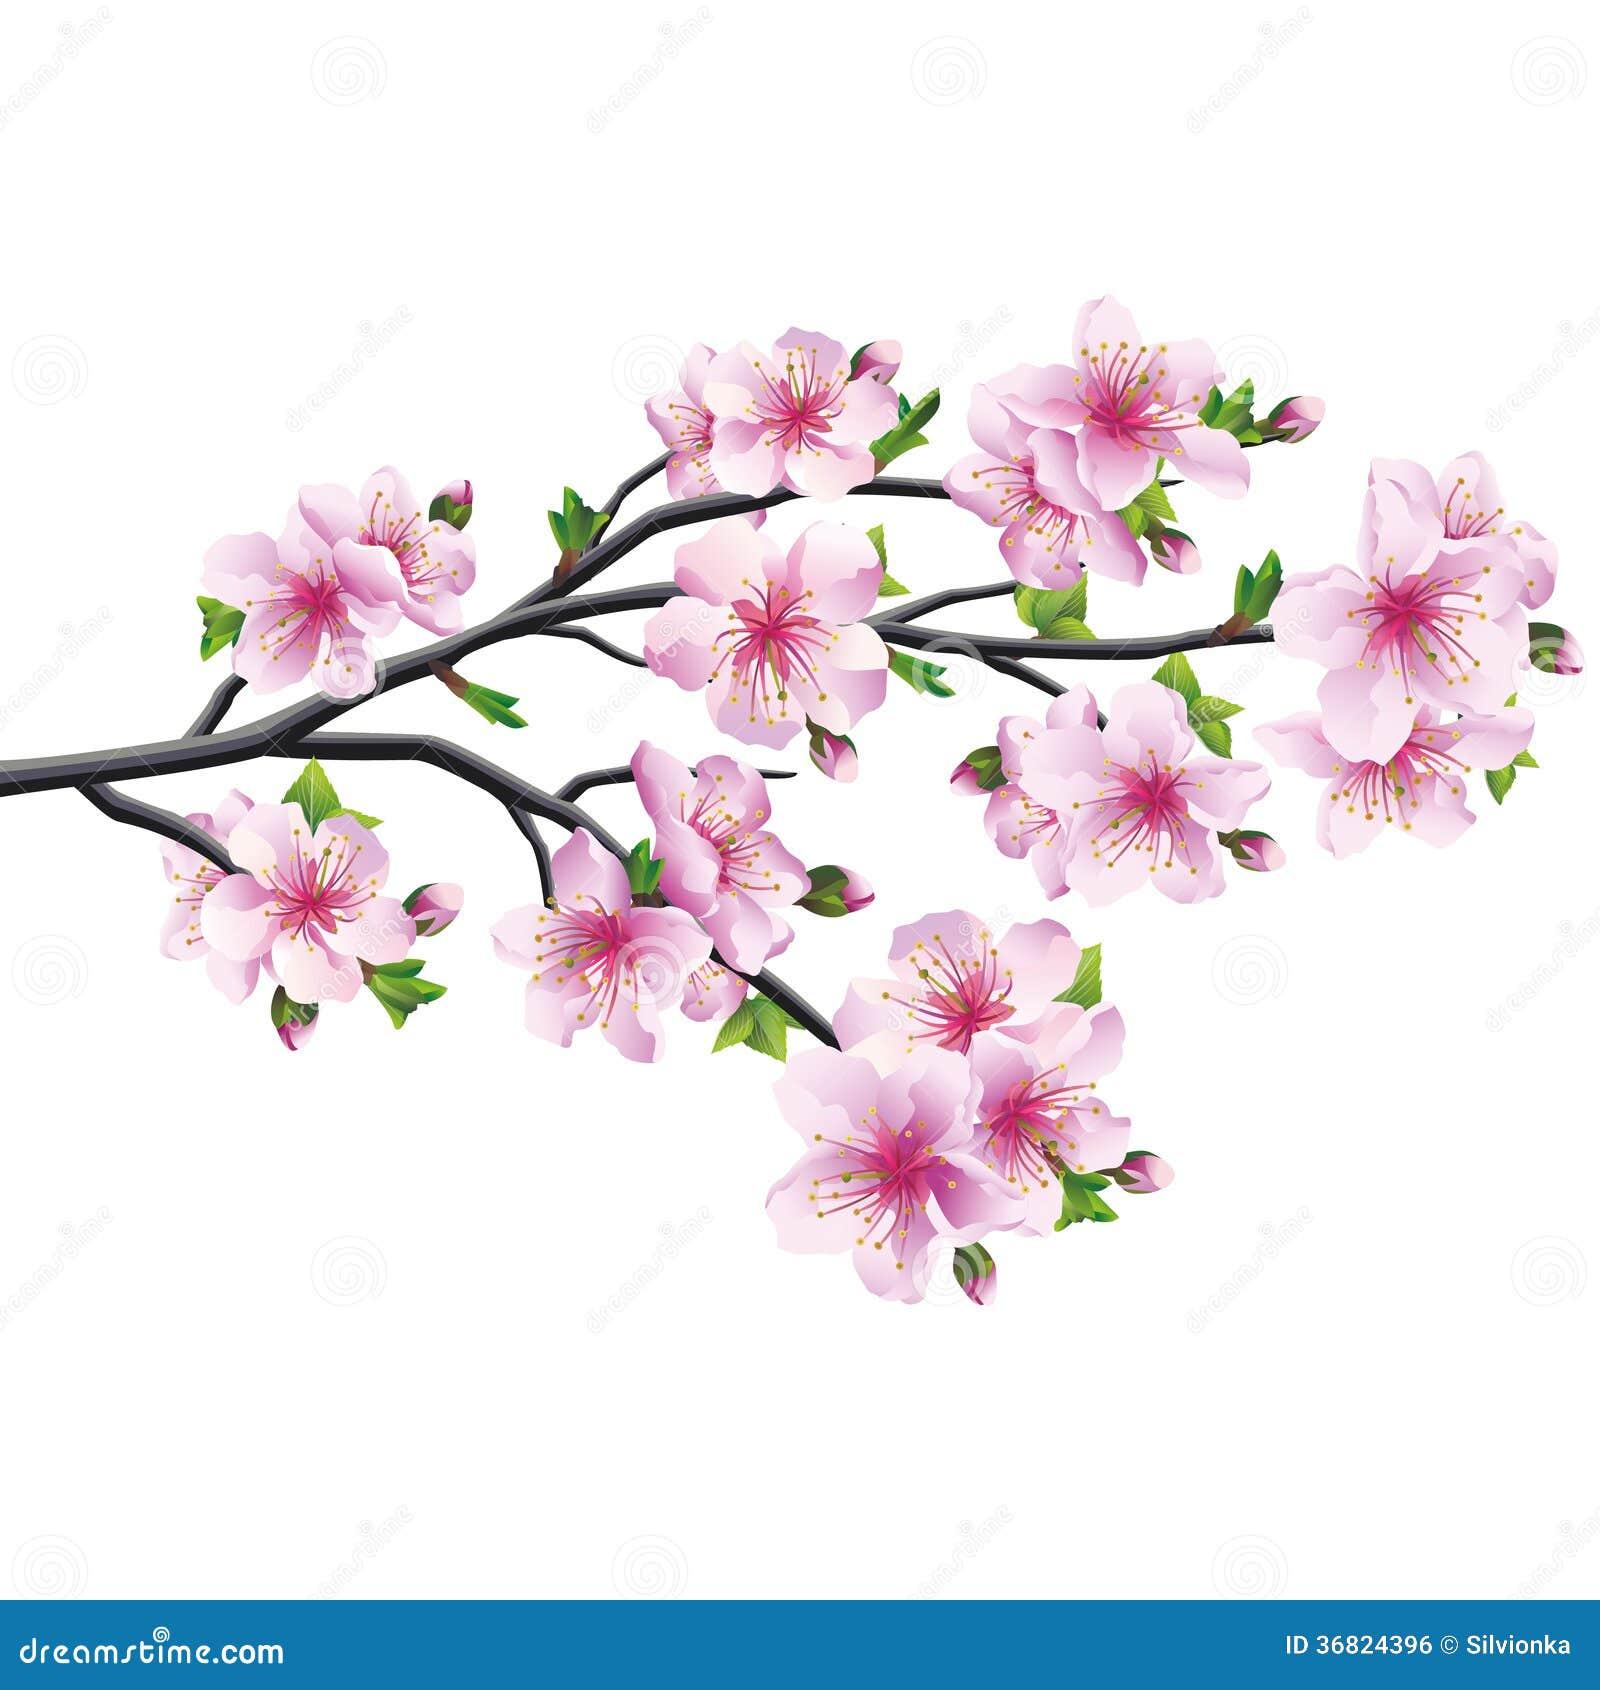 Fleurs de cerisier arbre japonais sakura image libre de droits image 36824396 - Arbre japonais rose ...